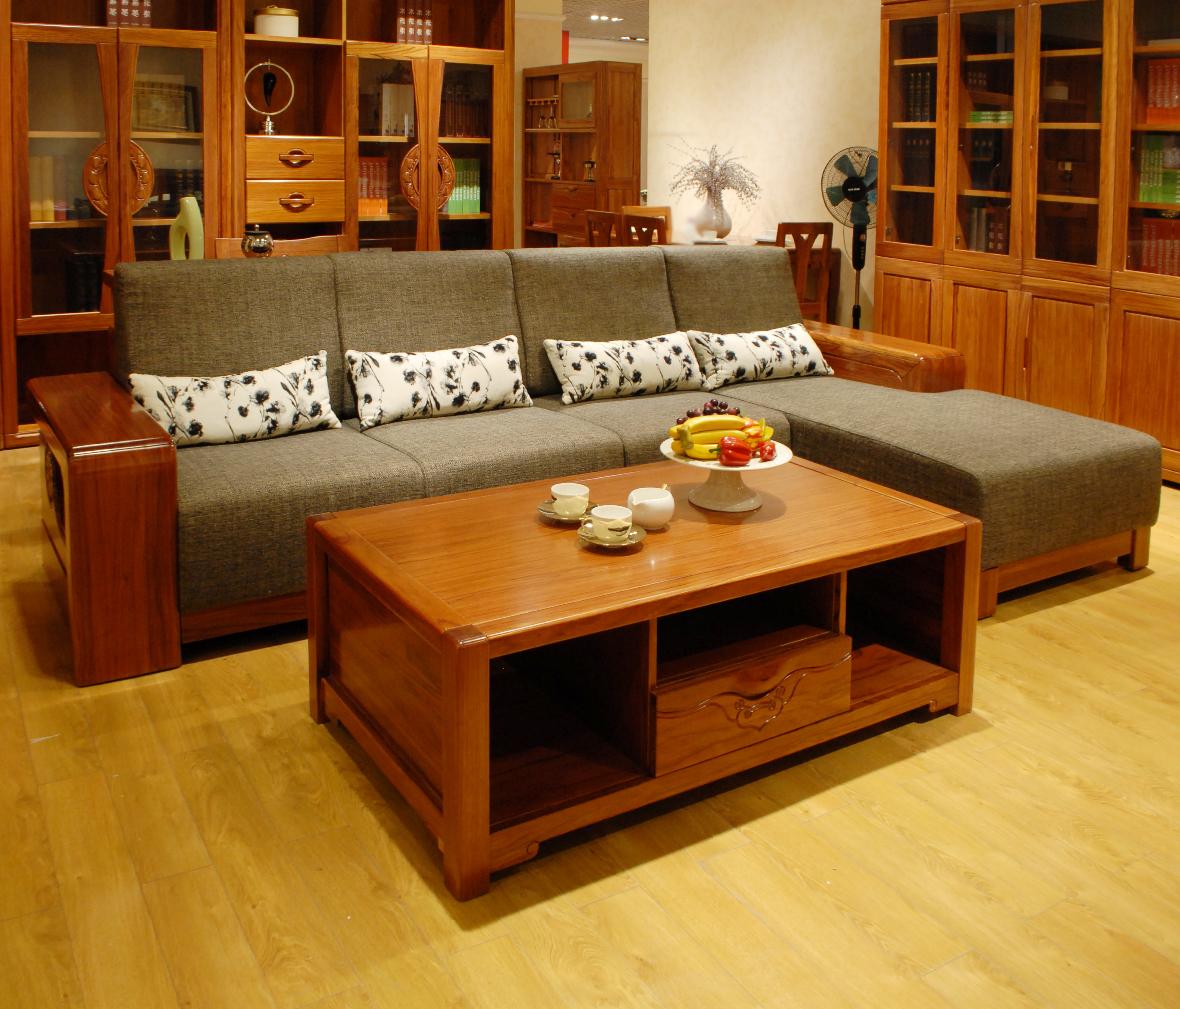 眼缘:2  一品木阁 贵妃位沙发 m520-1型号 柞木材质 实木家具 现代